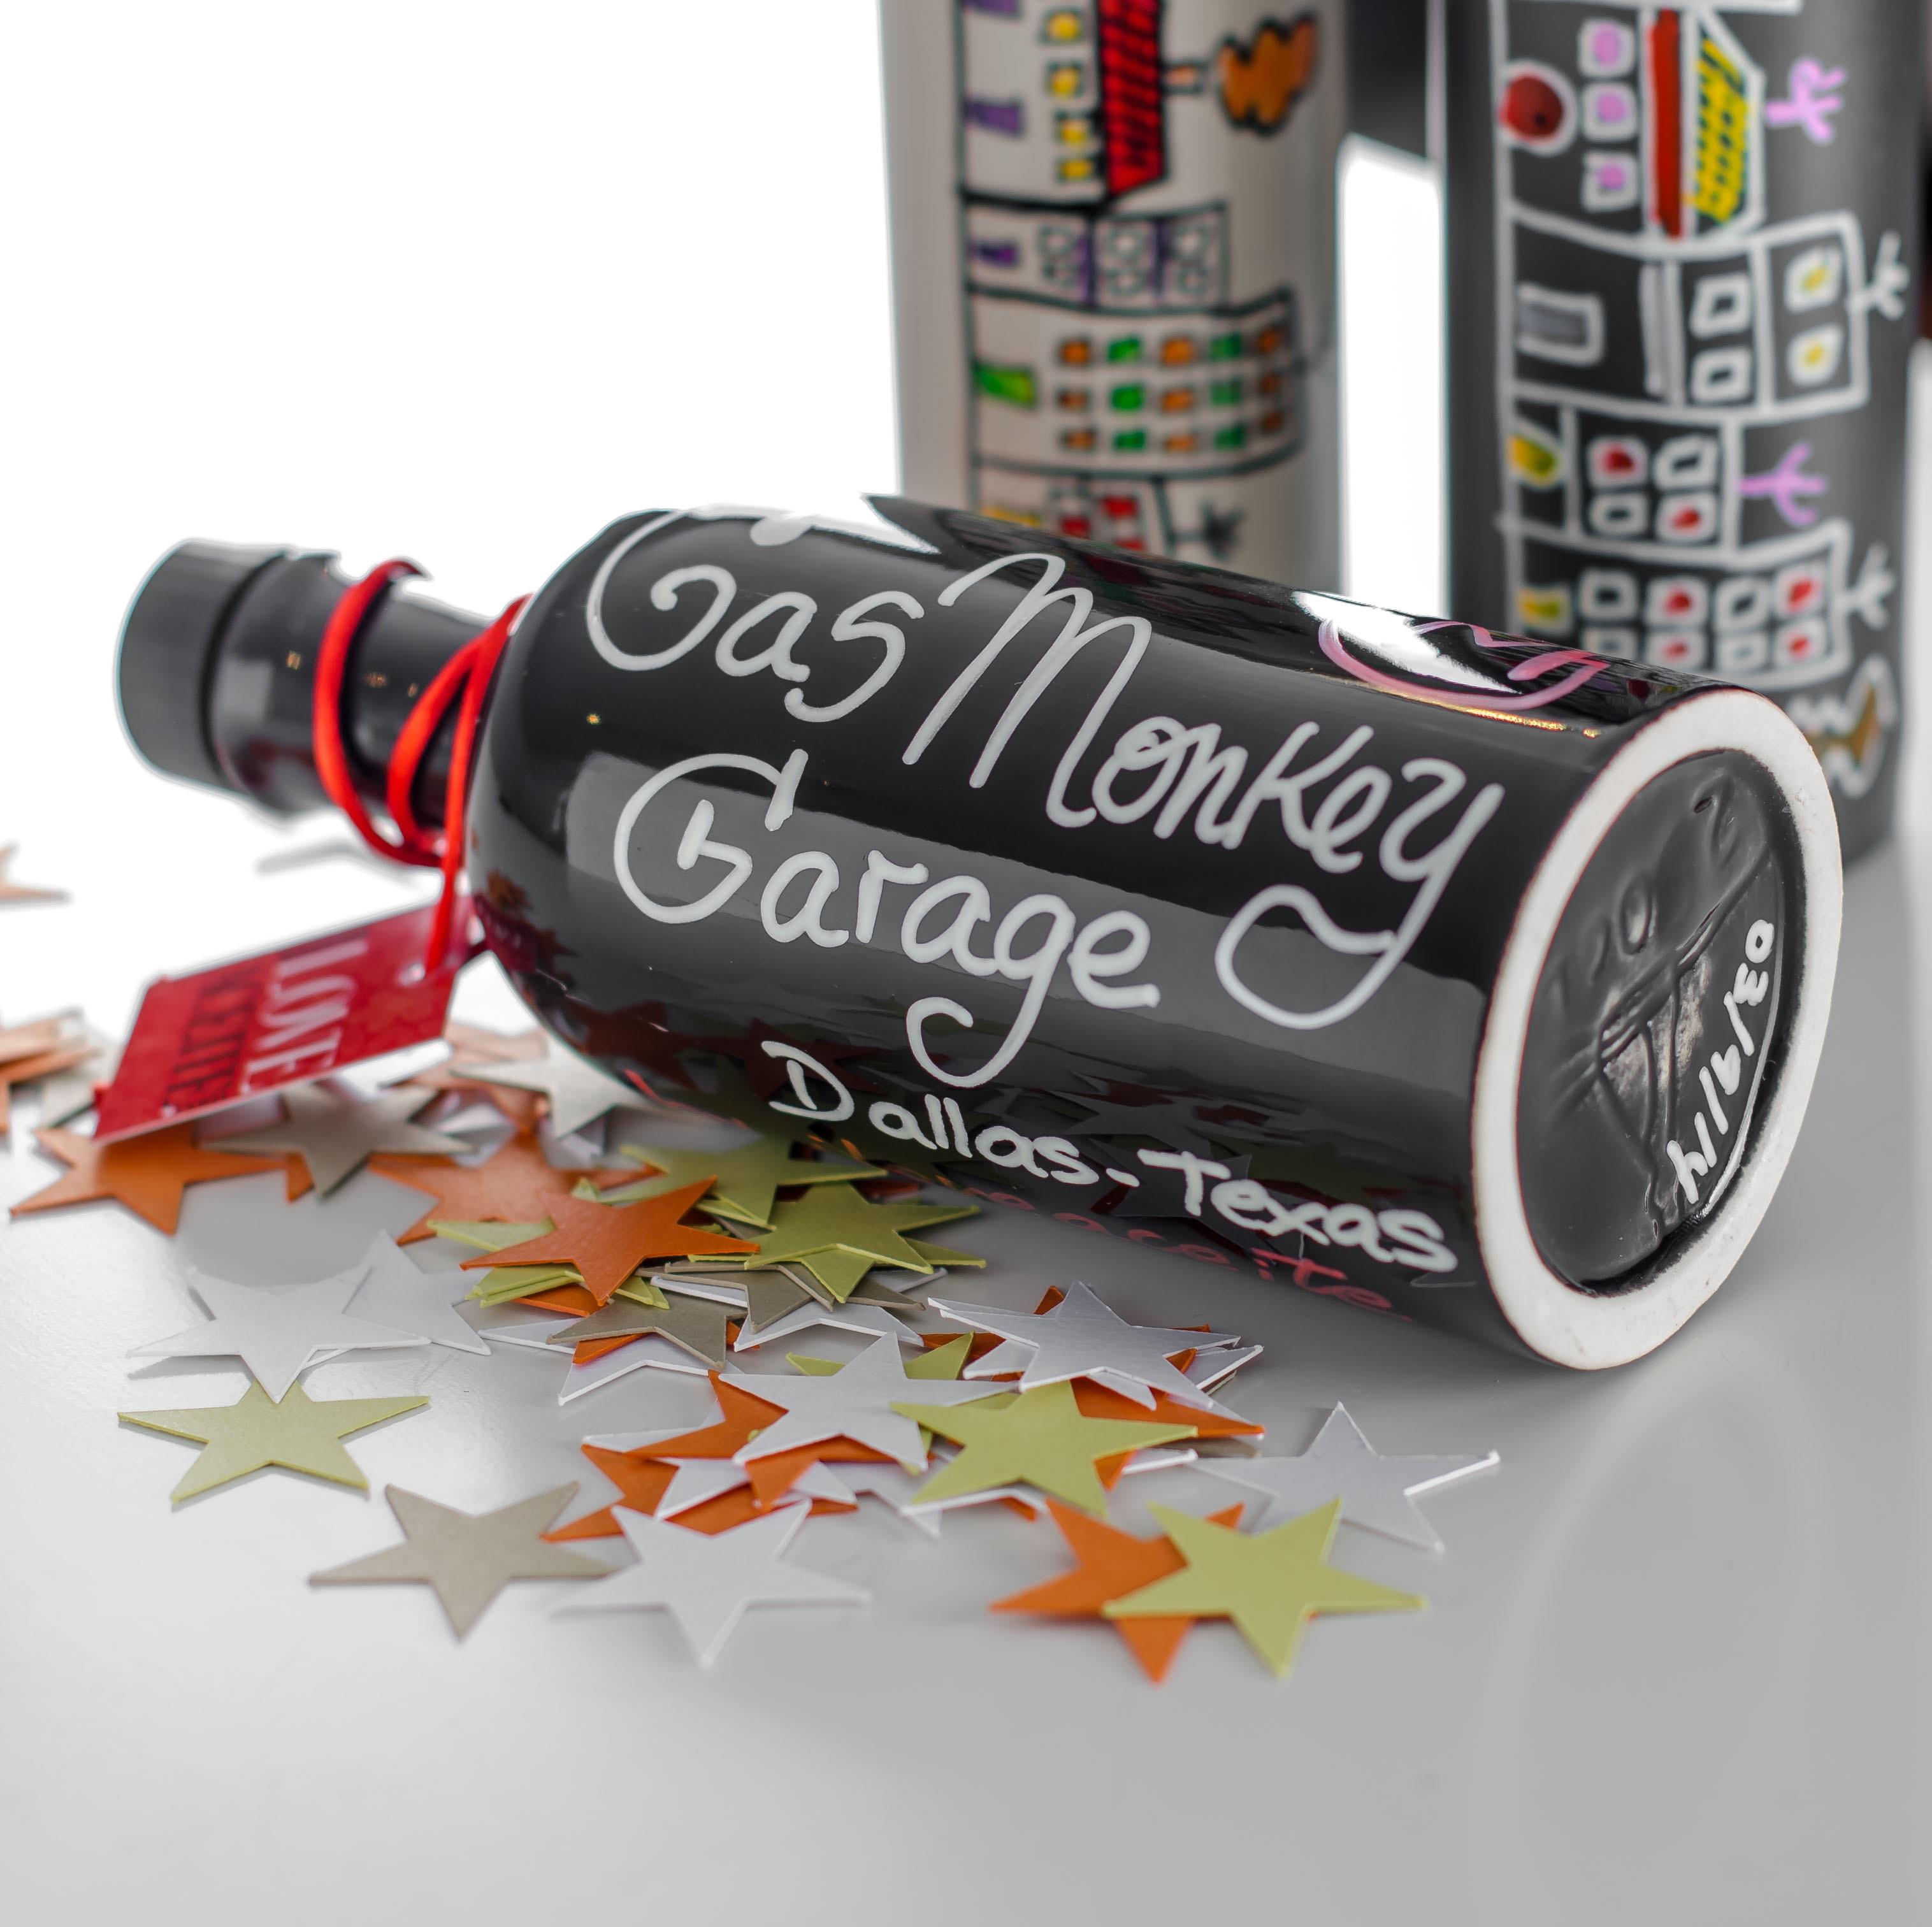 Botellas decoradas, personalizadas y customizadas | iloveaceite | regalo | aceite de oliva virgen extra